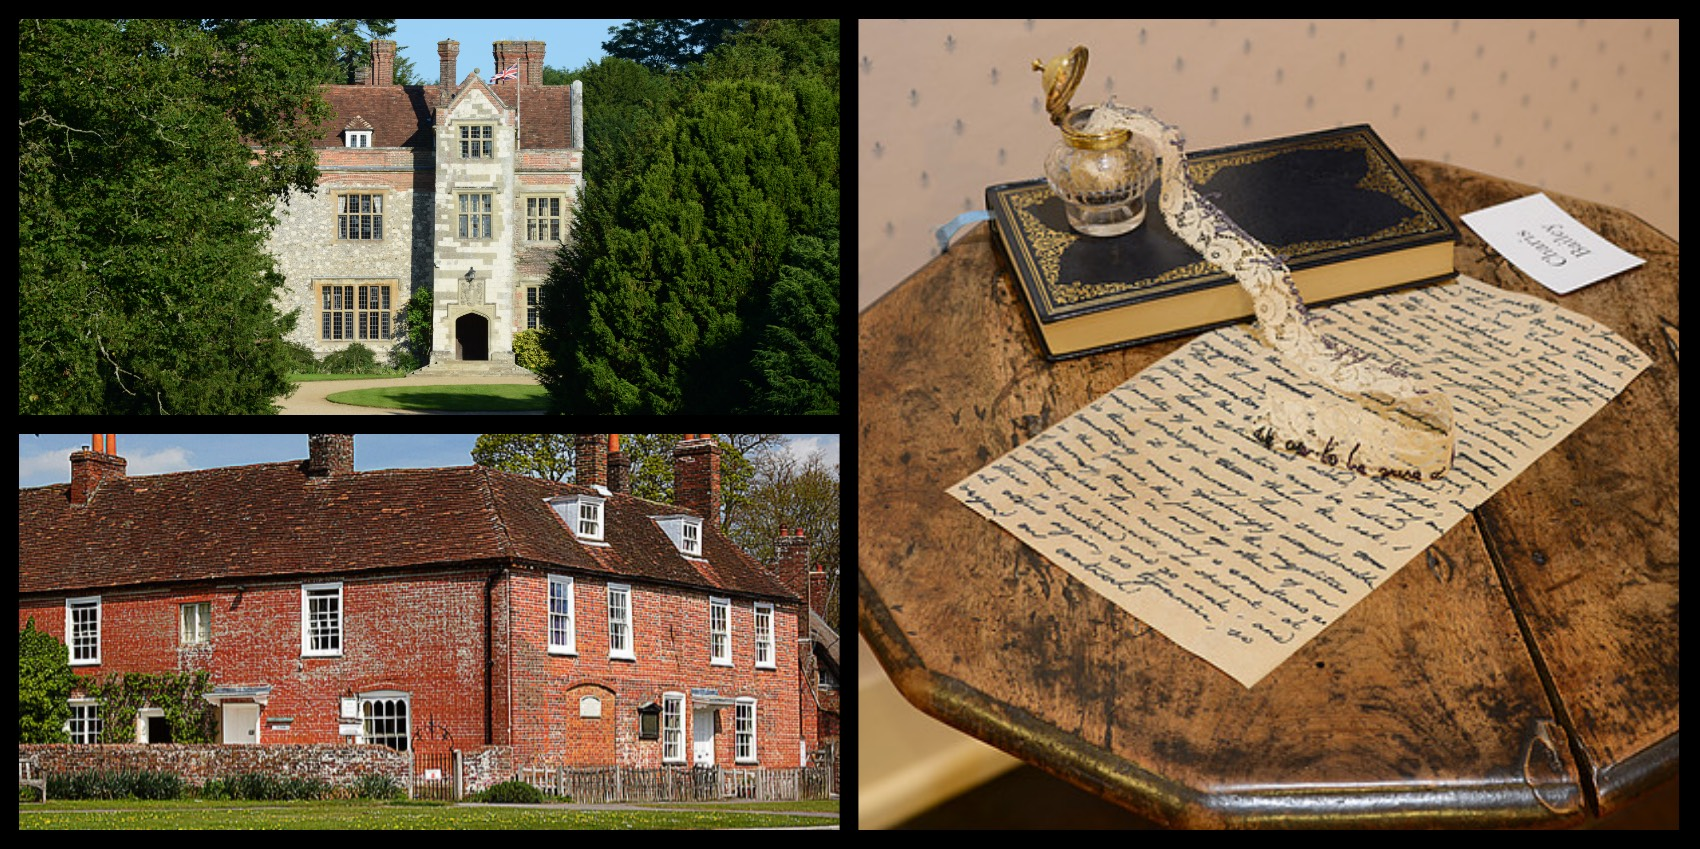 chawton house on jane austen tour